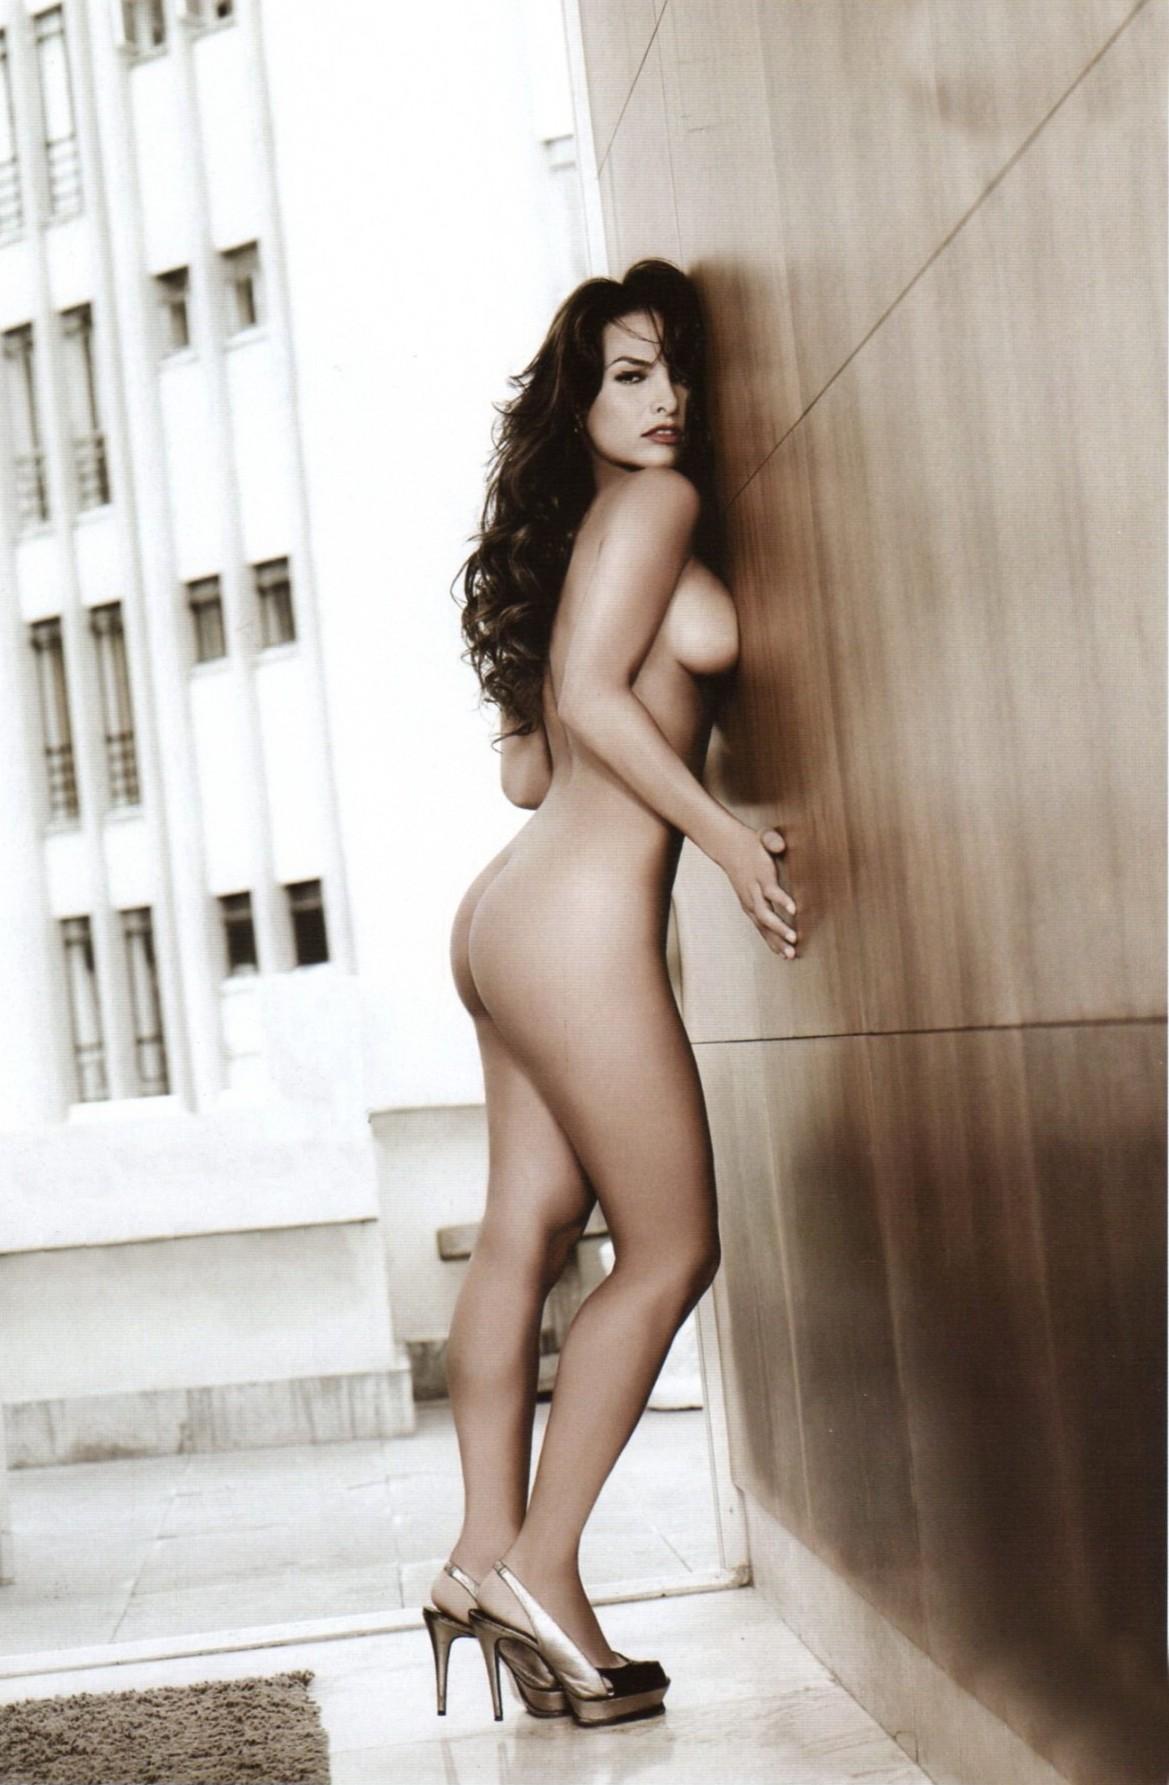 Fabiola naked naked comic